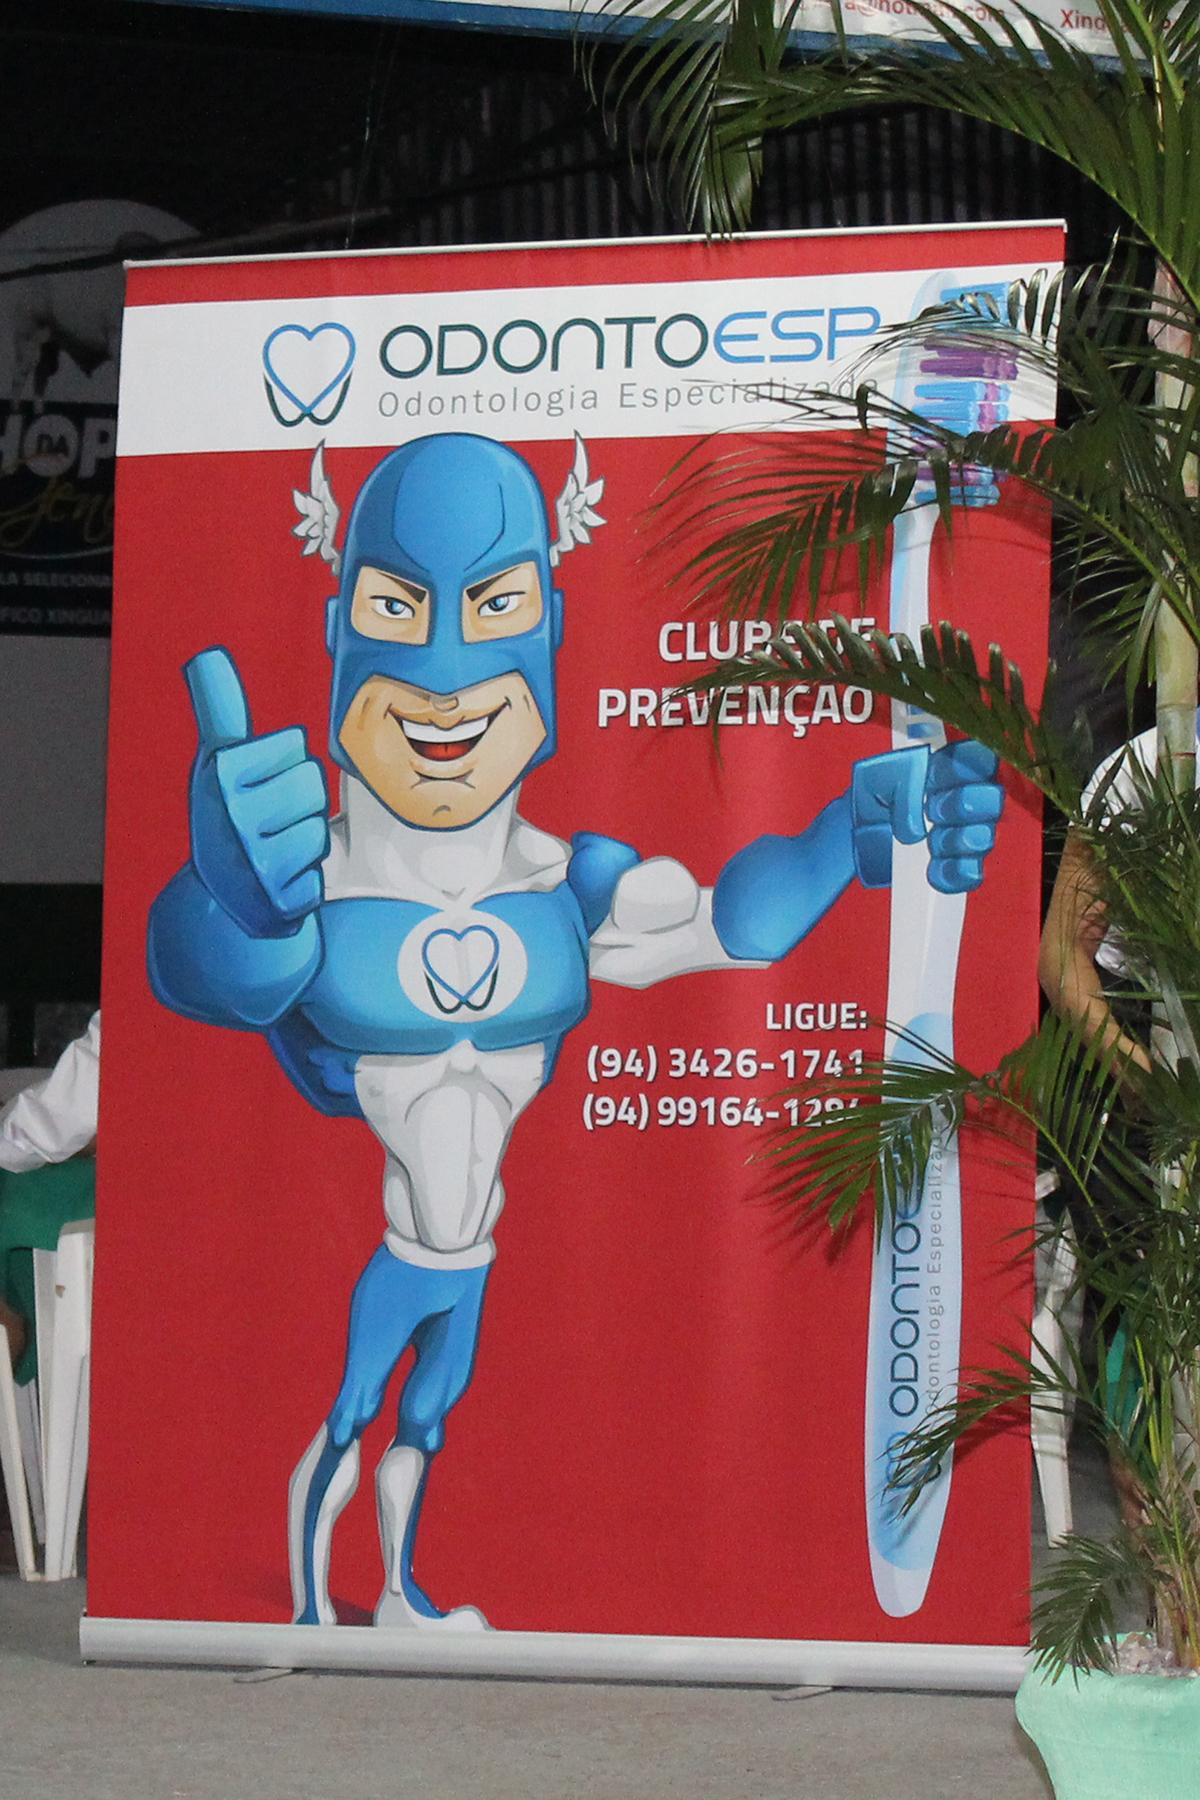 Odontologia Prevenção Odontológica epespecialidades Odontológicas campanha de lançamento de produto